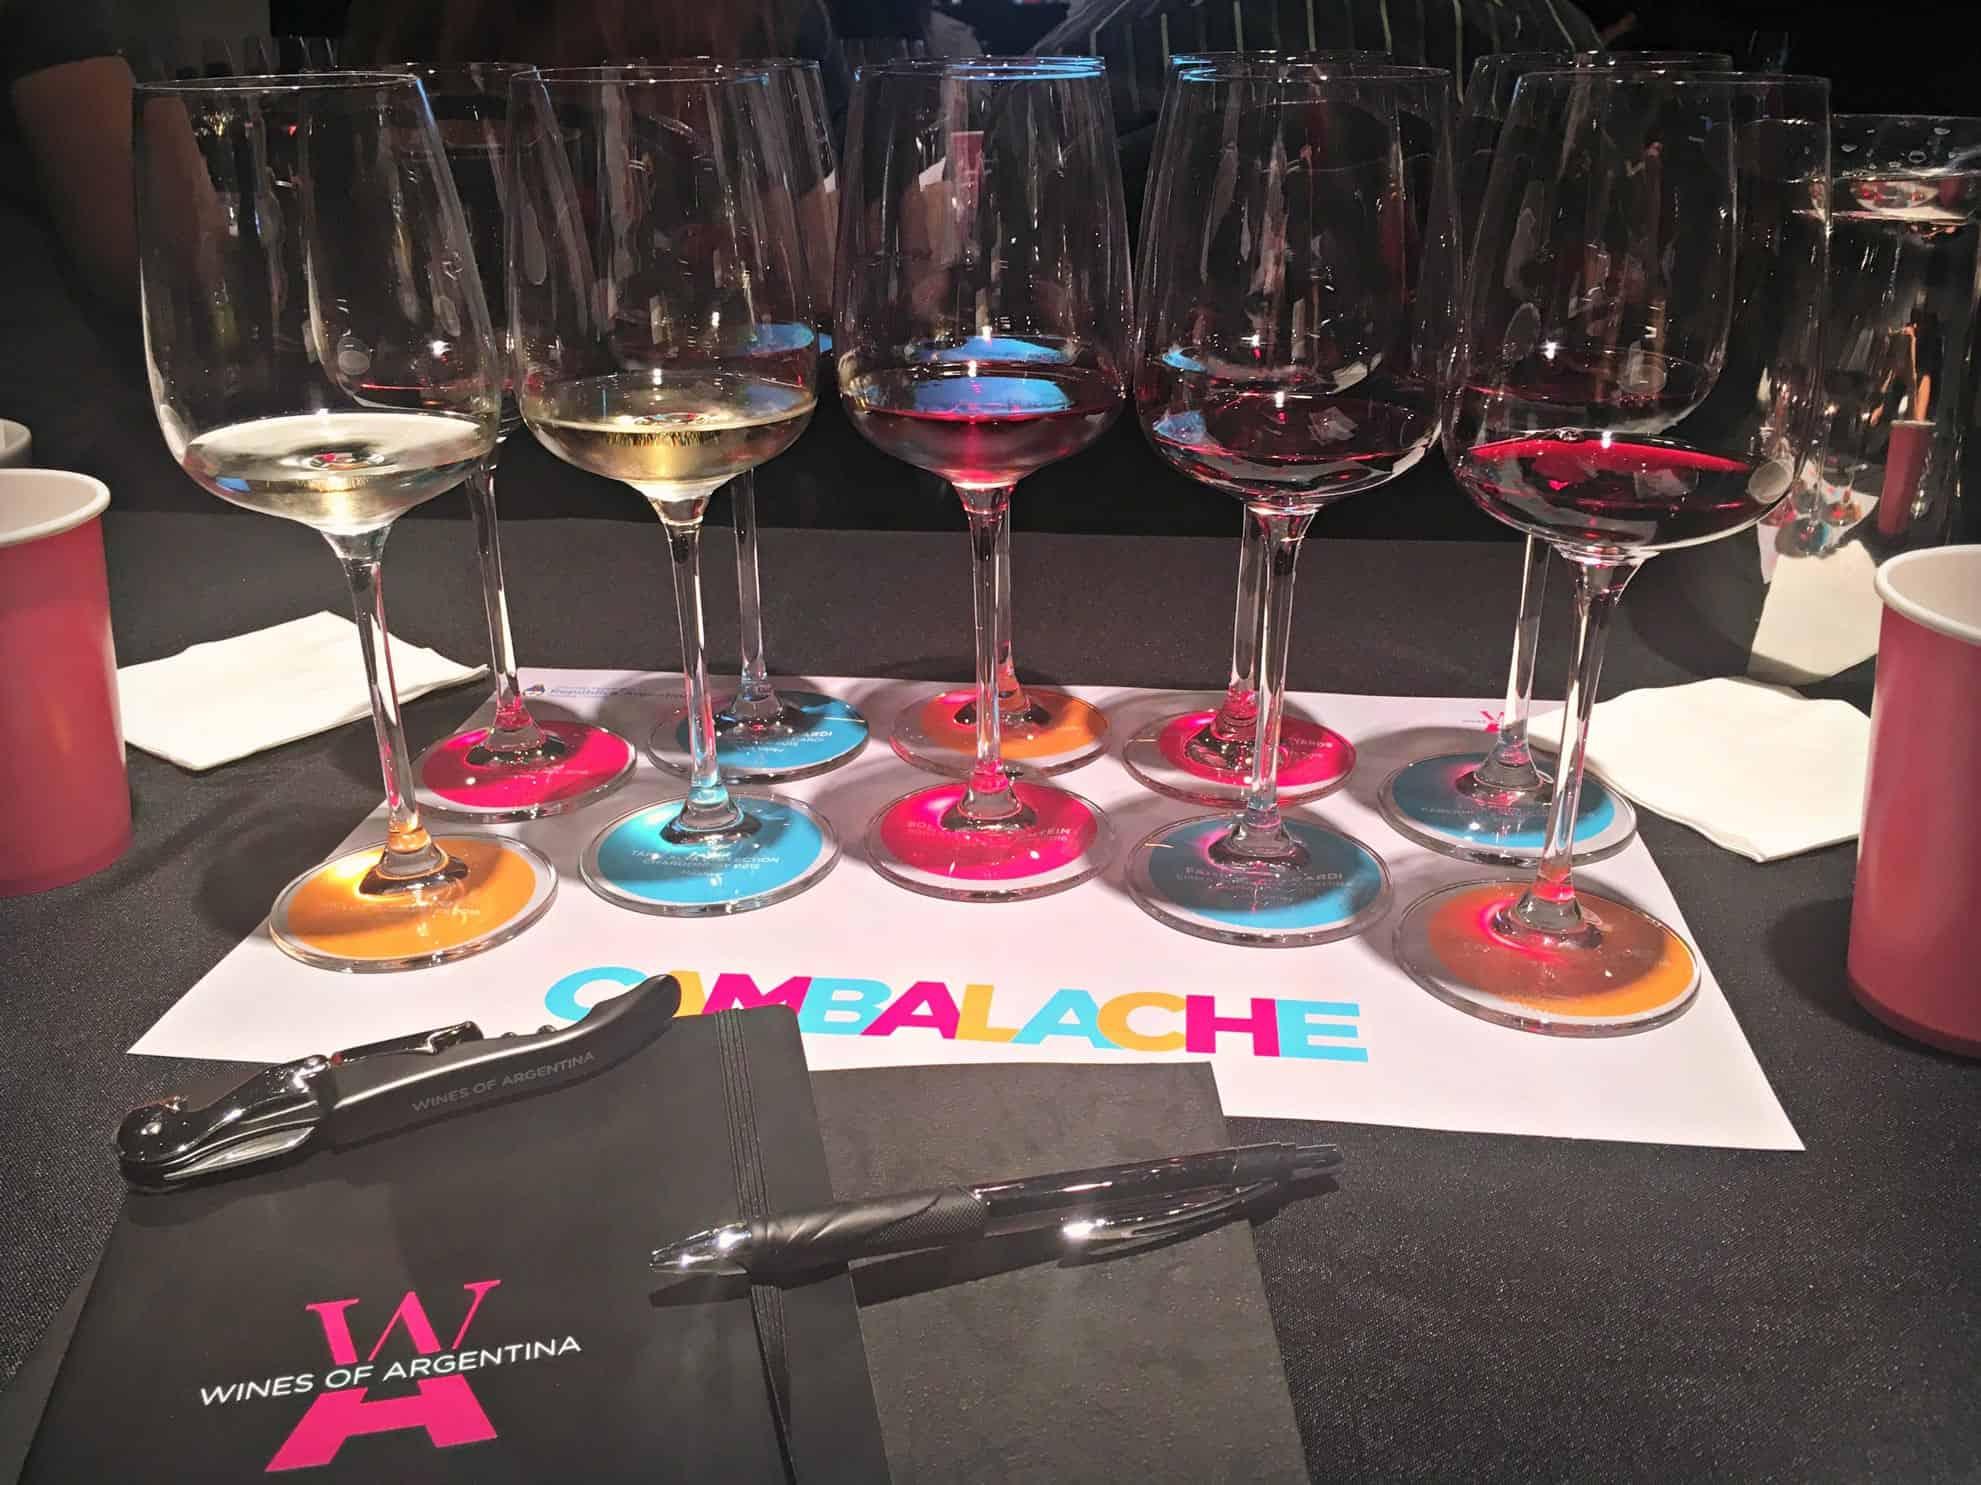 Les vins d'Argentine : présentation et dégustation